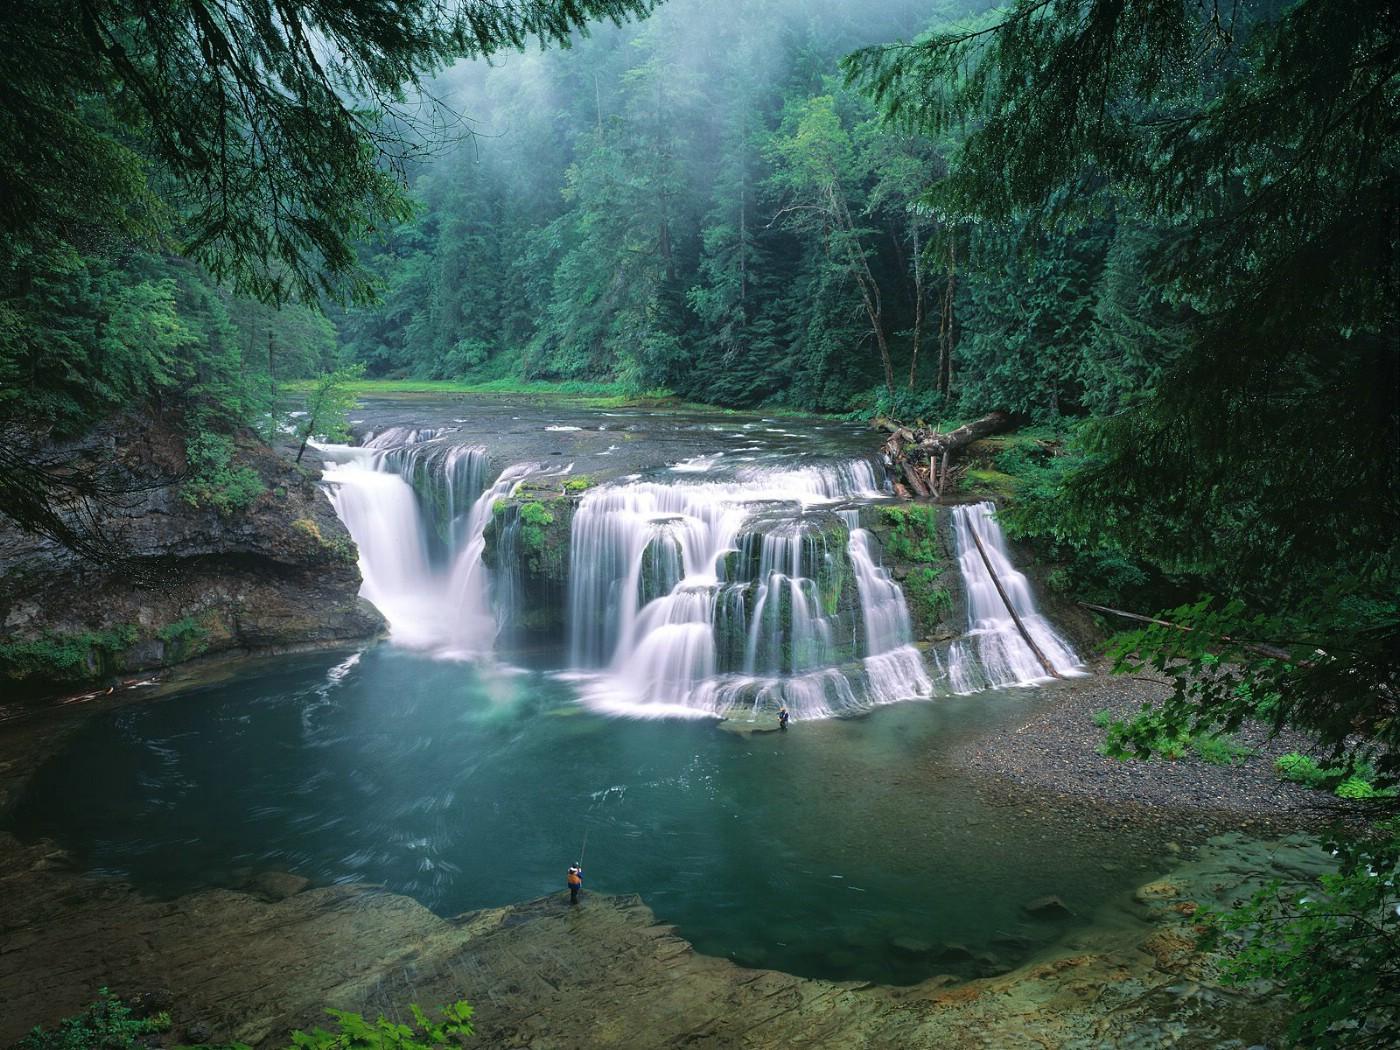 地球瑰宝大尺寸自然风景壁纸